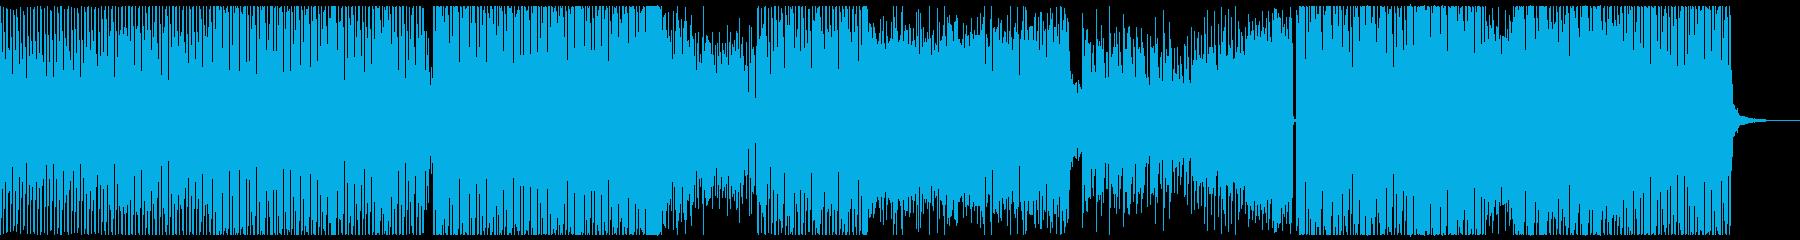 グランドキャニオンの夜空をドローンで舞うの再生済みの波形